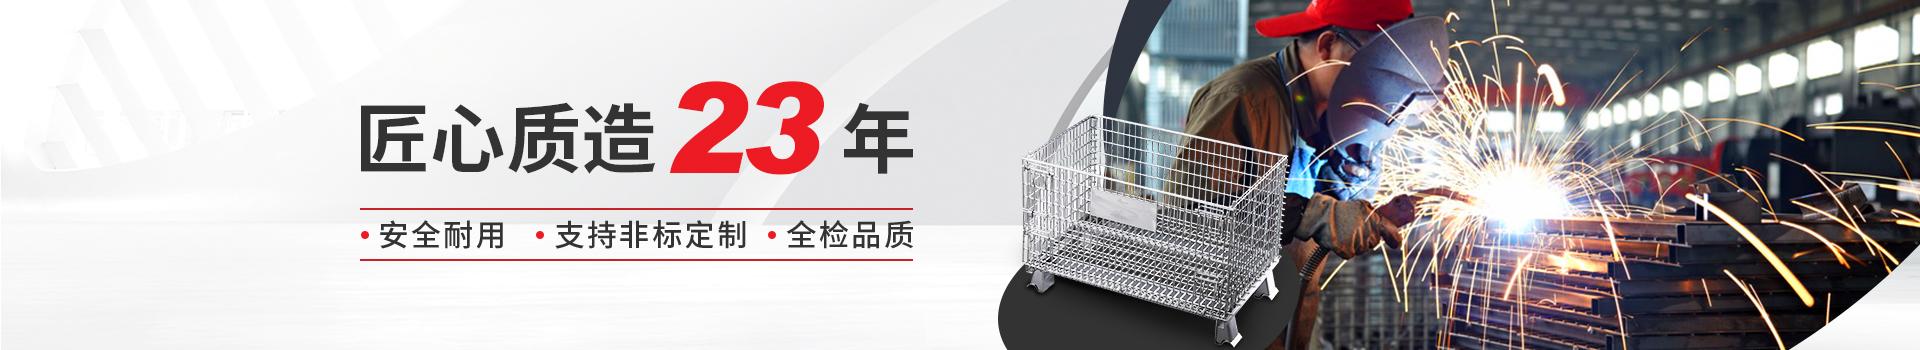 大江非标仓储笼 匠心质造17年  安全耐用